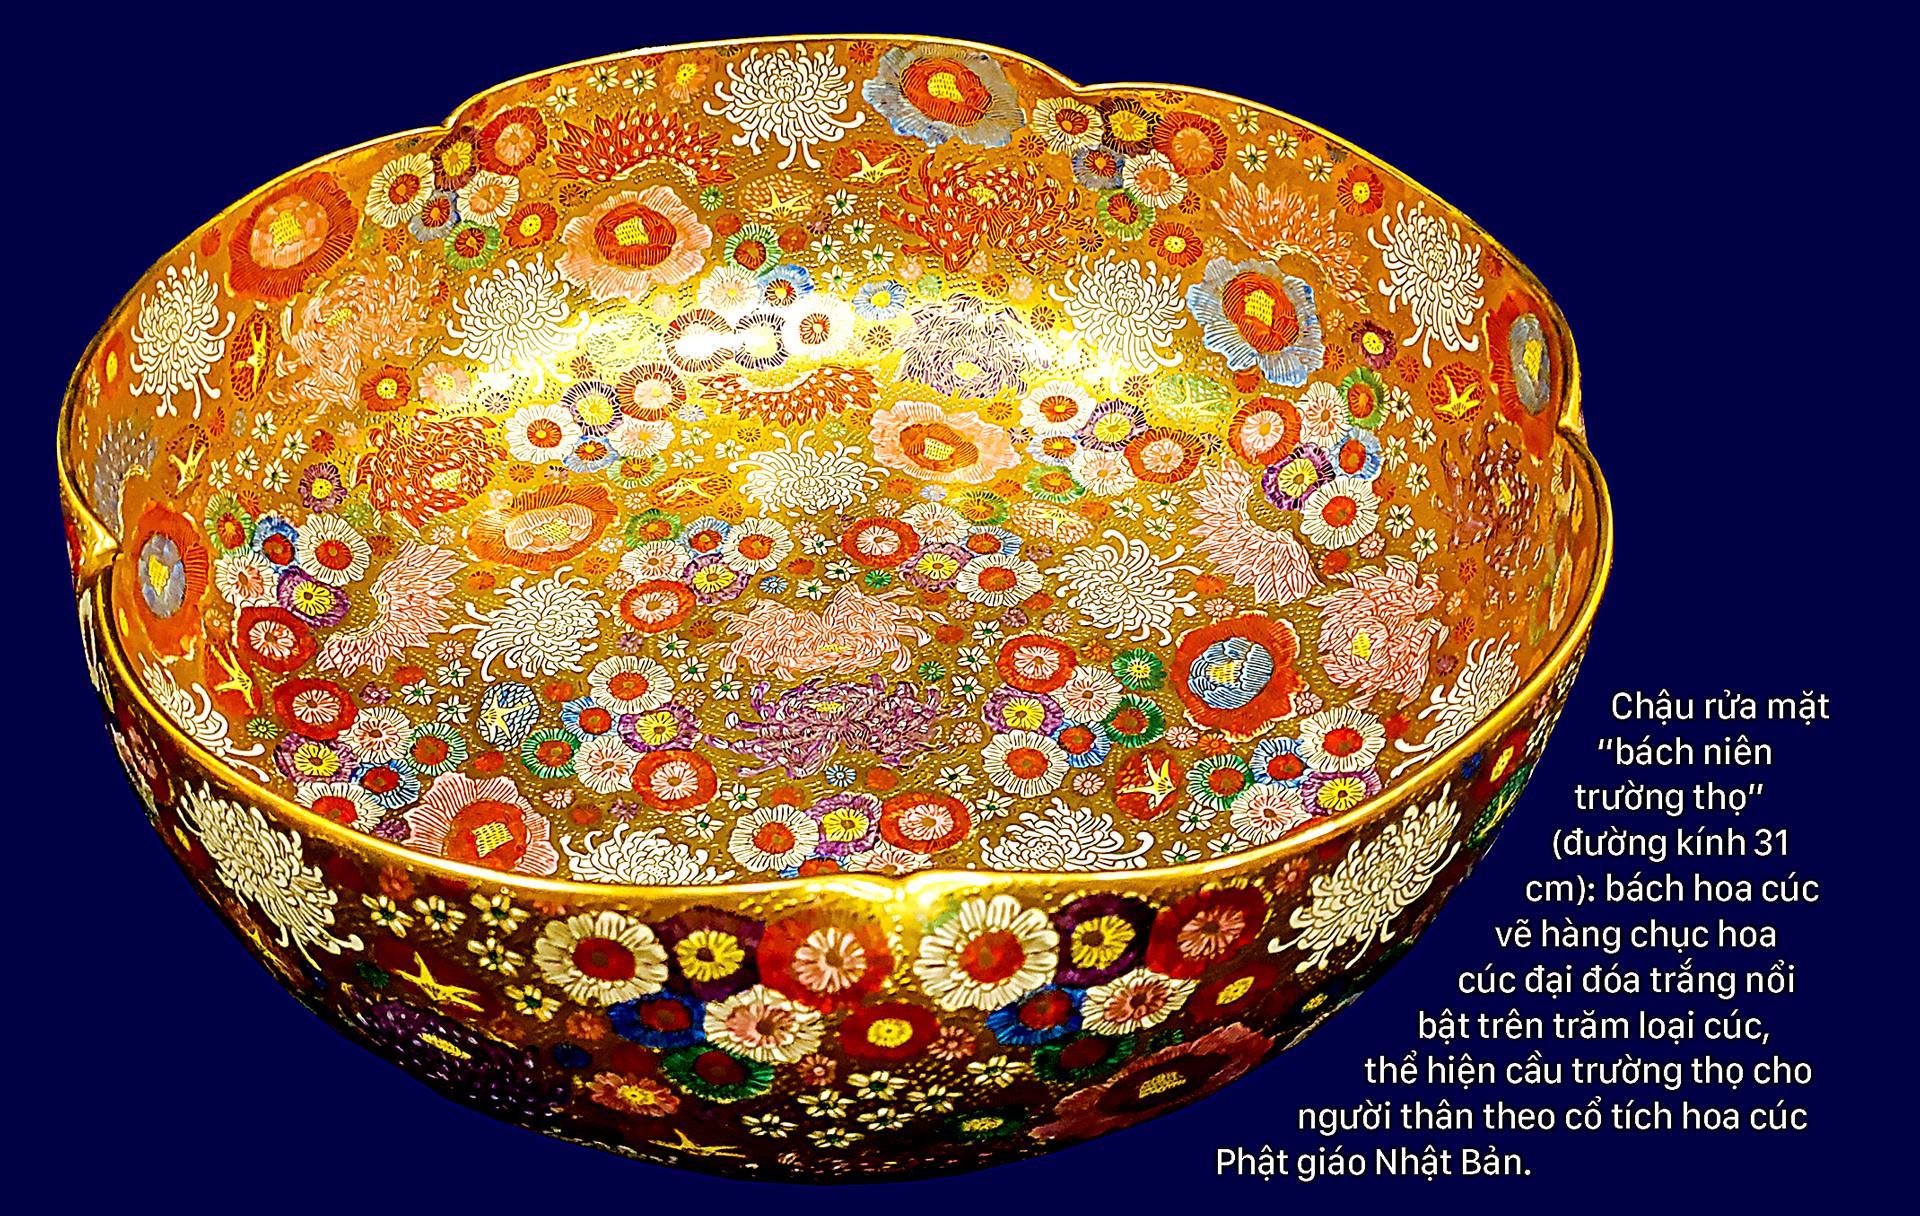 Nghệ thuật thị giác người Nhật qua gốm Bách hoa ảnh 5